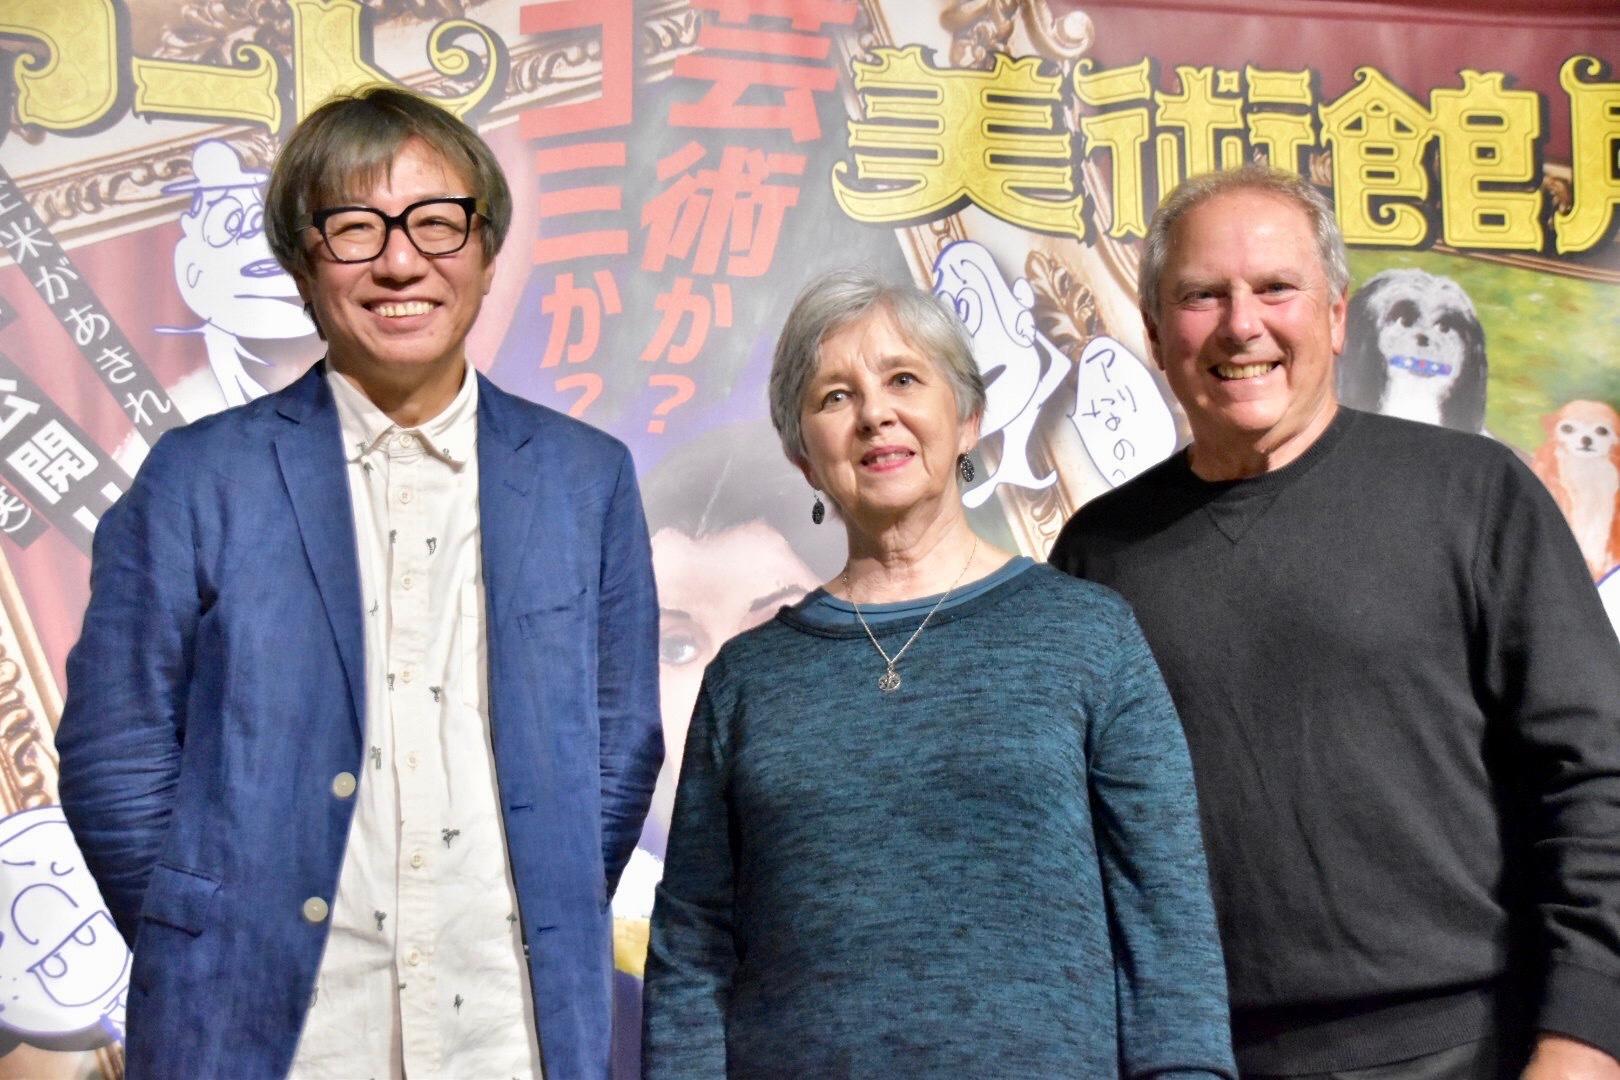 左から:しりあがり寿、ルイーズ・ライリー・サッコ(バッドアート美術館館長)、マイケル・フランク(バッドアート美術館キュレーター)